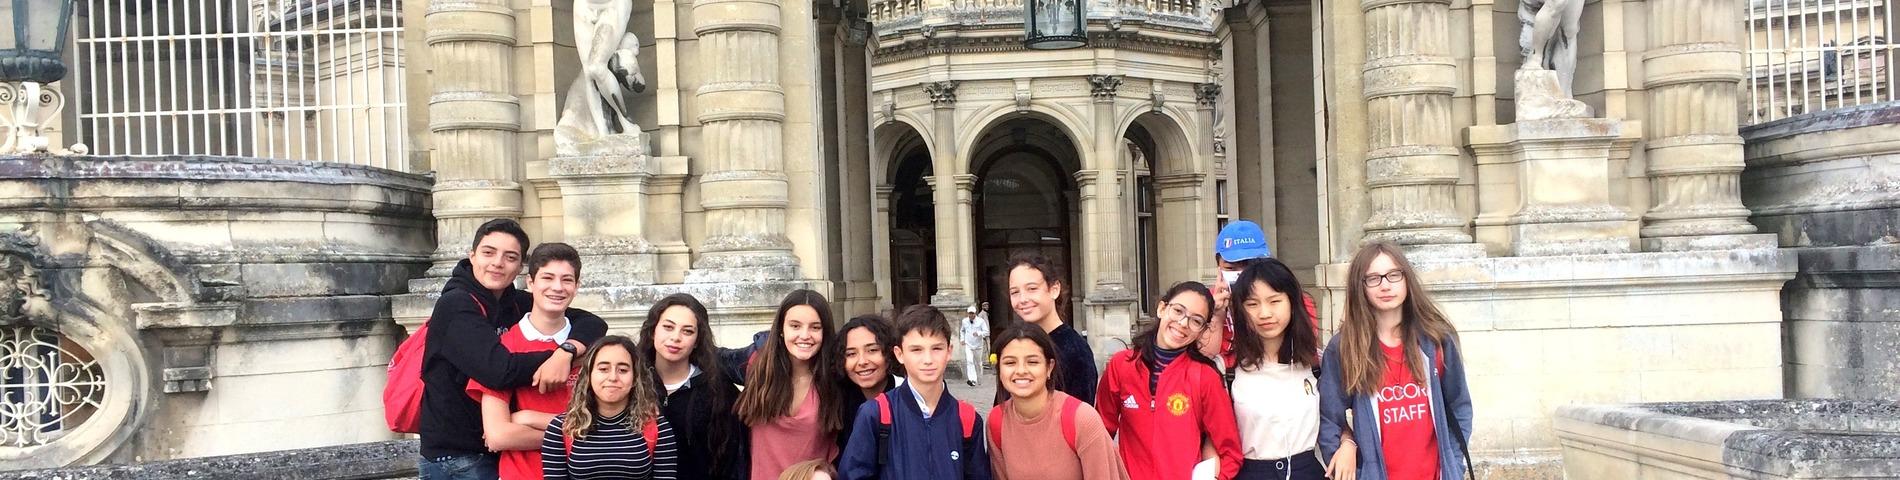 Imagen 1 de la escuela Accord French Language School